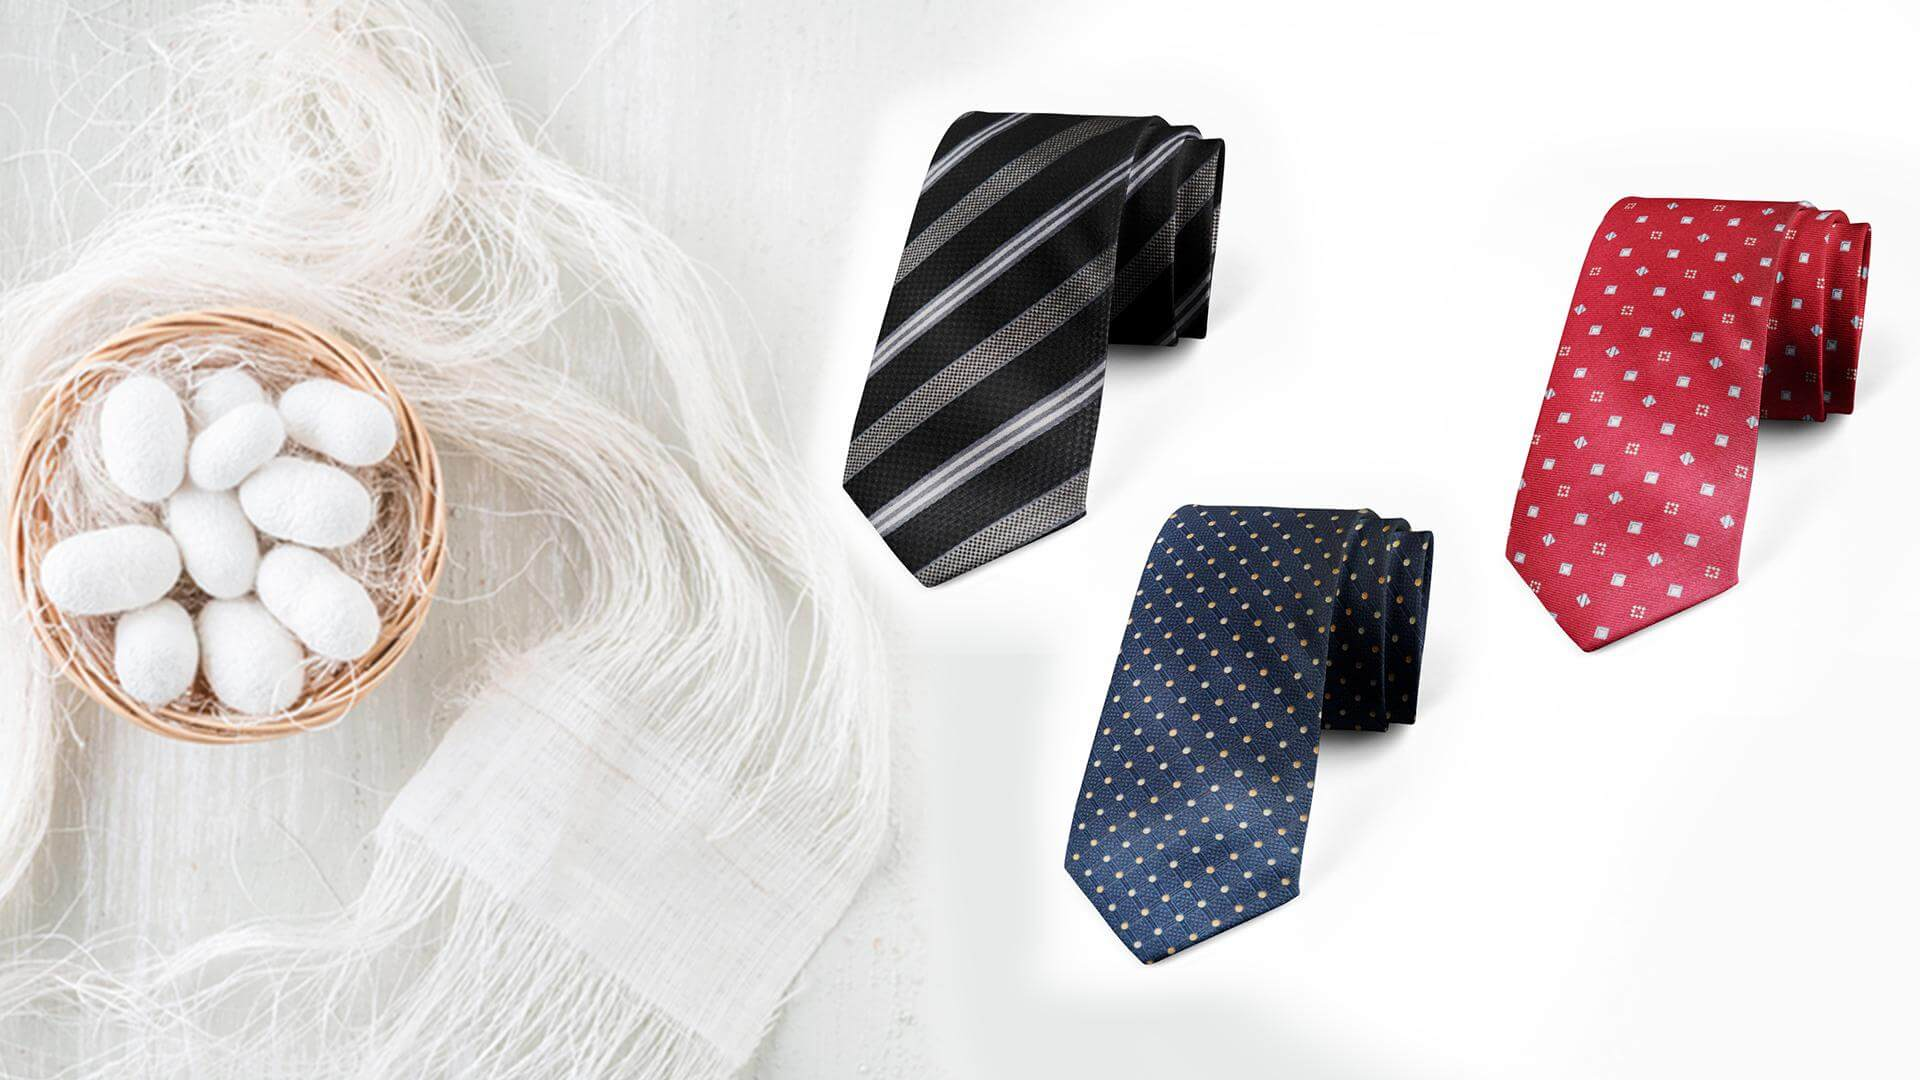 Cavat lụa tơ tằm cao cấp là một phần không thể thiếu của trang phục